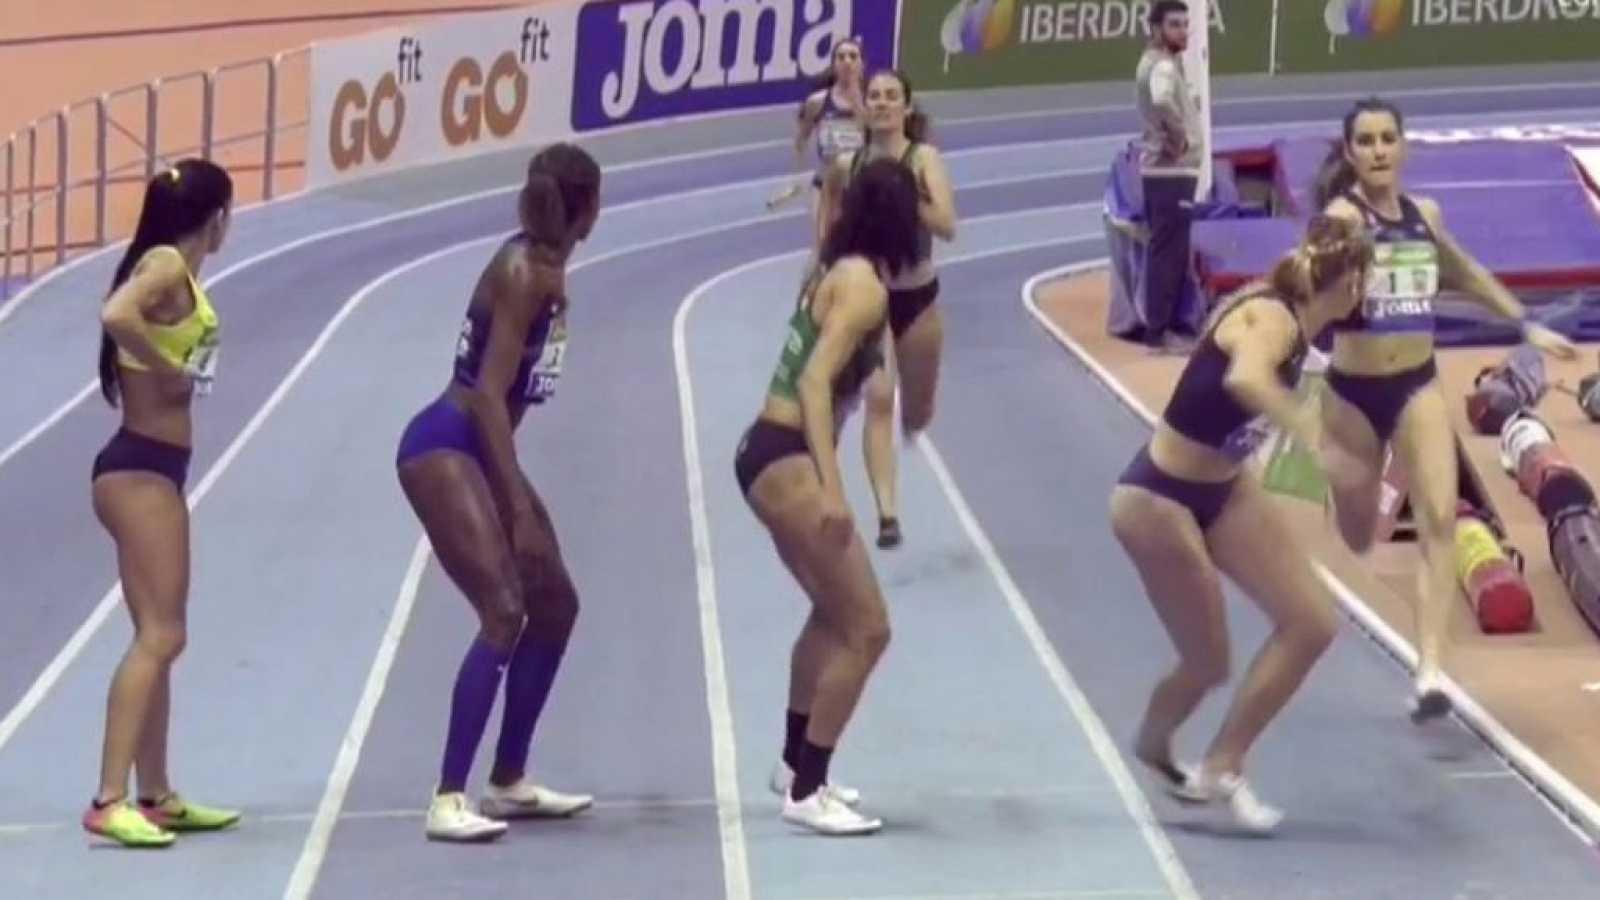 Atletismo - Campeonato de España de Clubes Femenino Pista cubierta - ver ahora